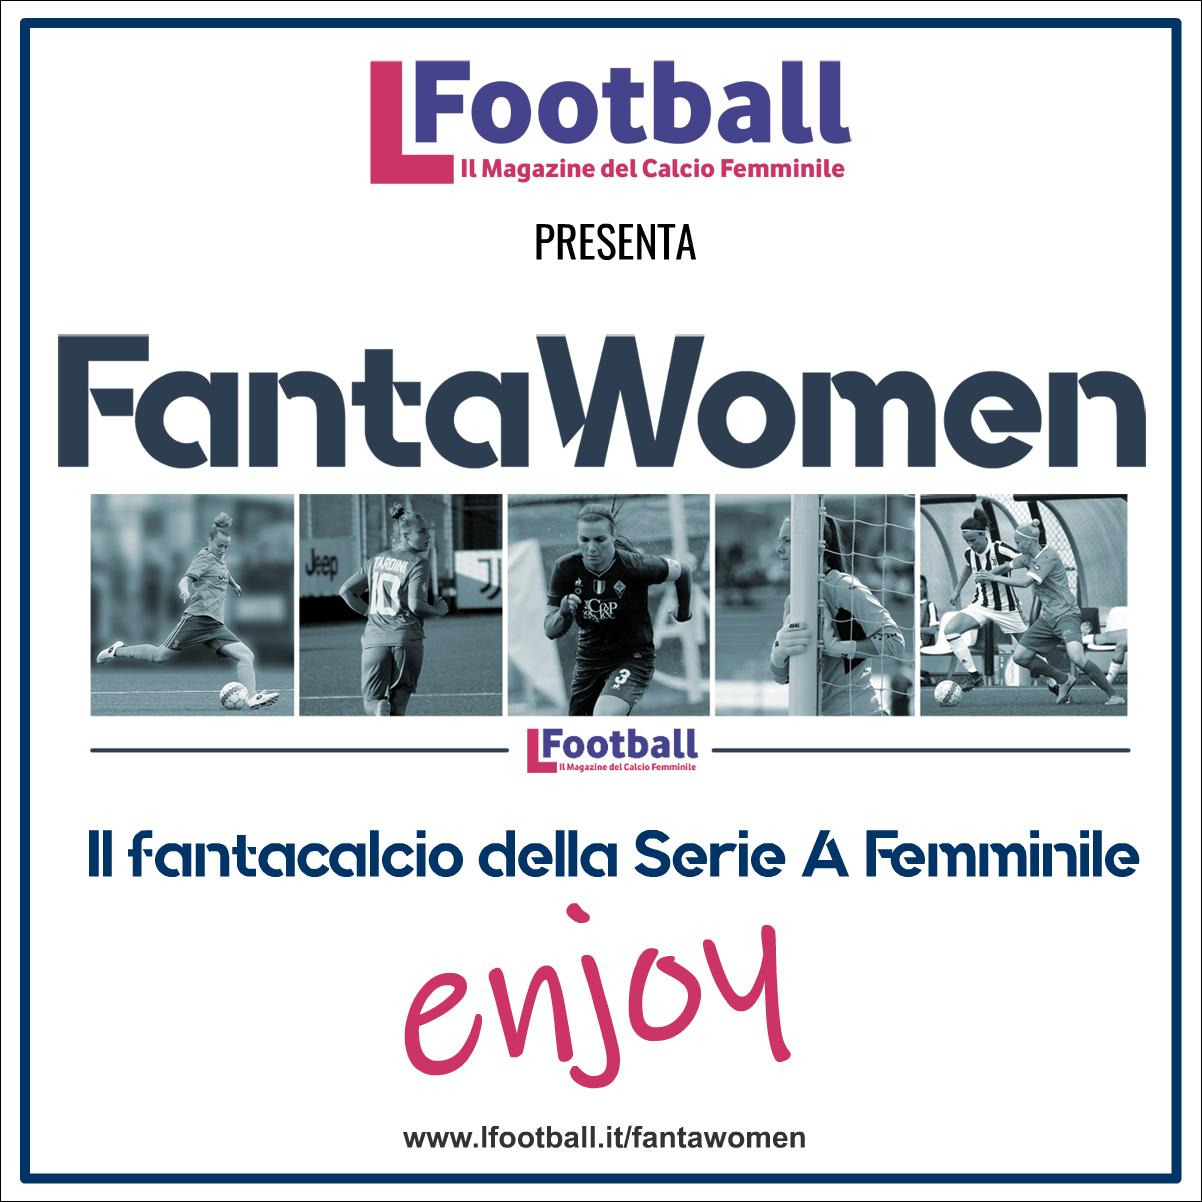 Partecipa a FantaWomen, il fantacalcio della Serie A femminile!